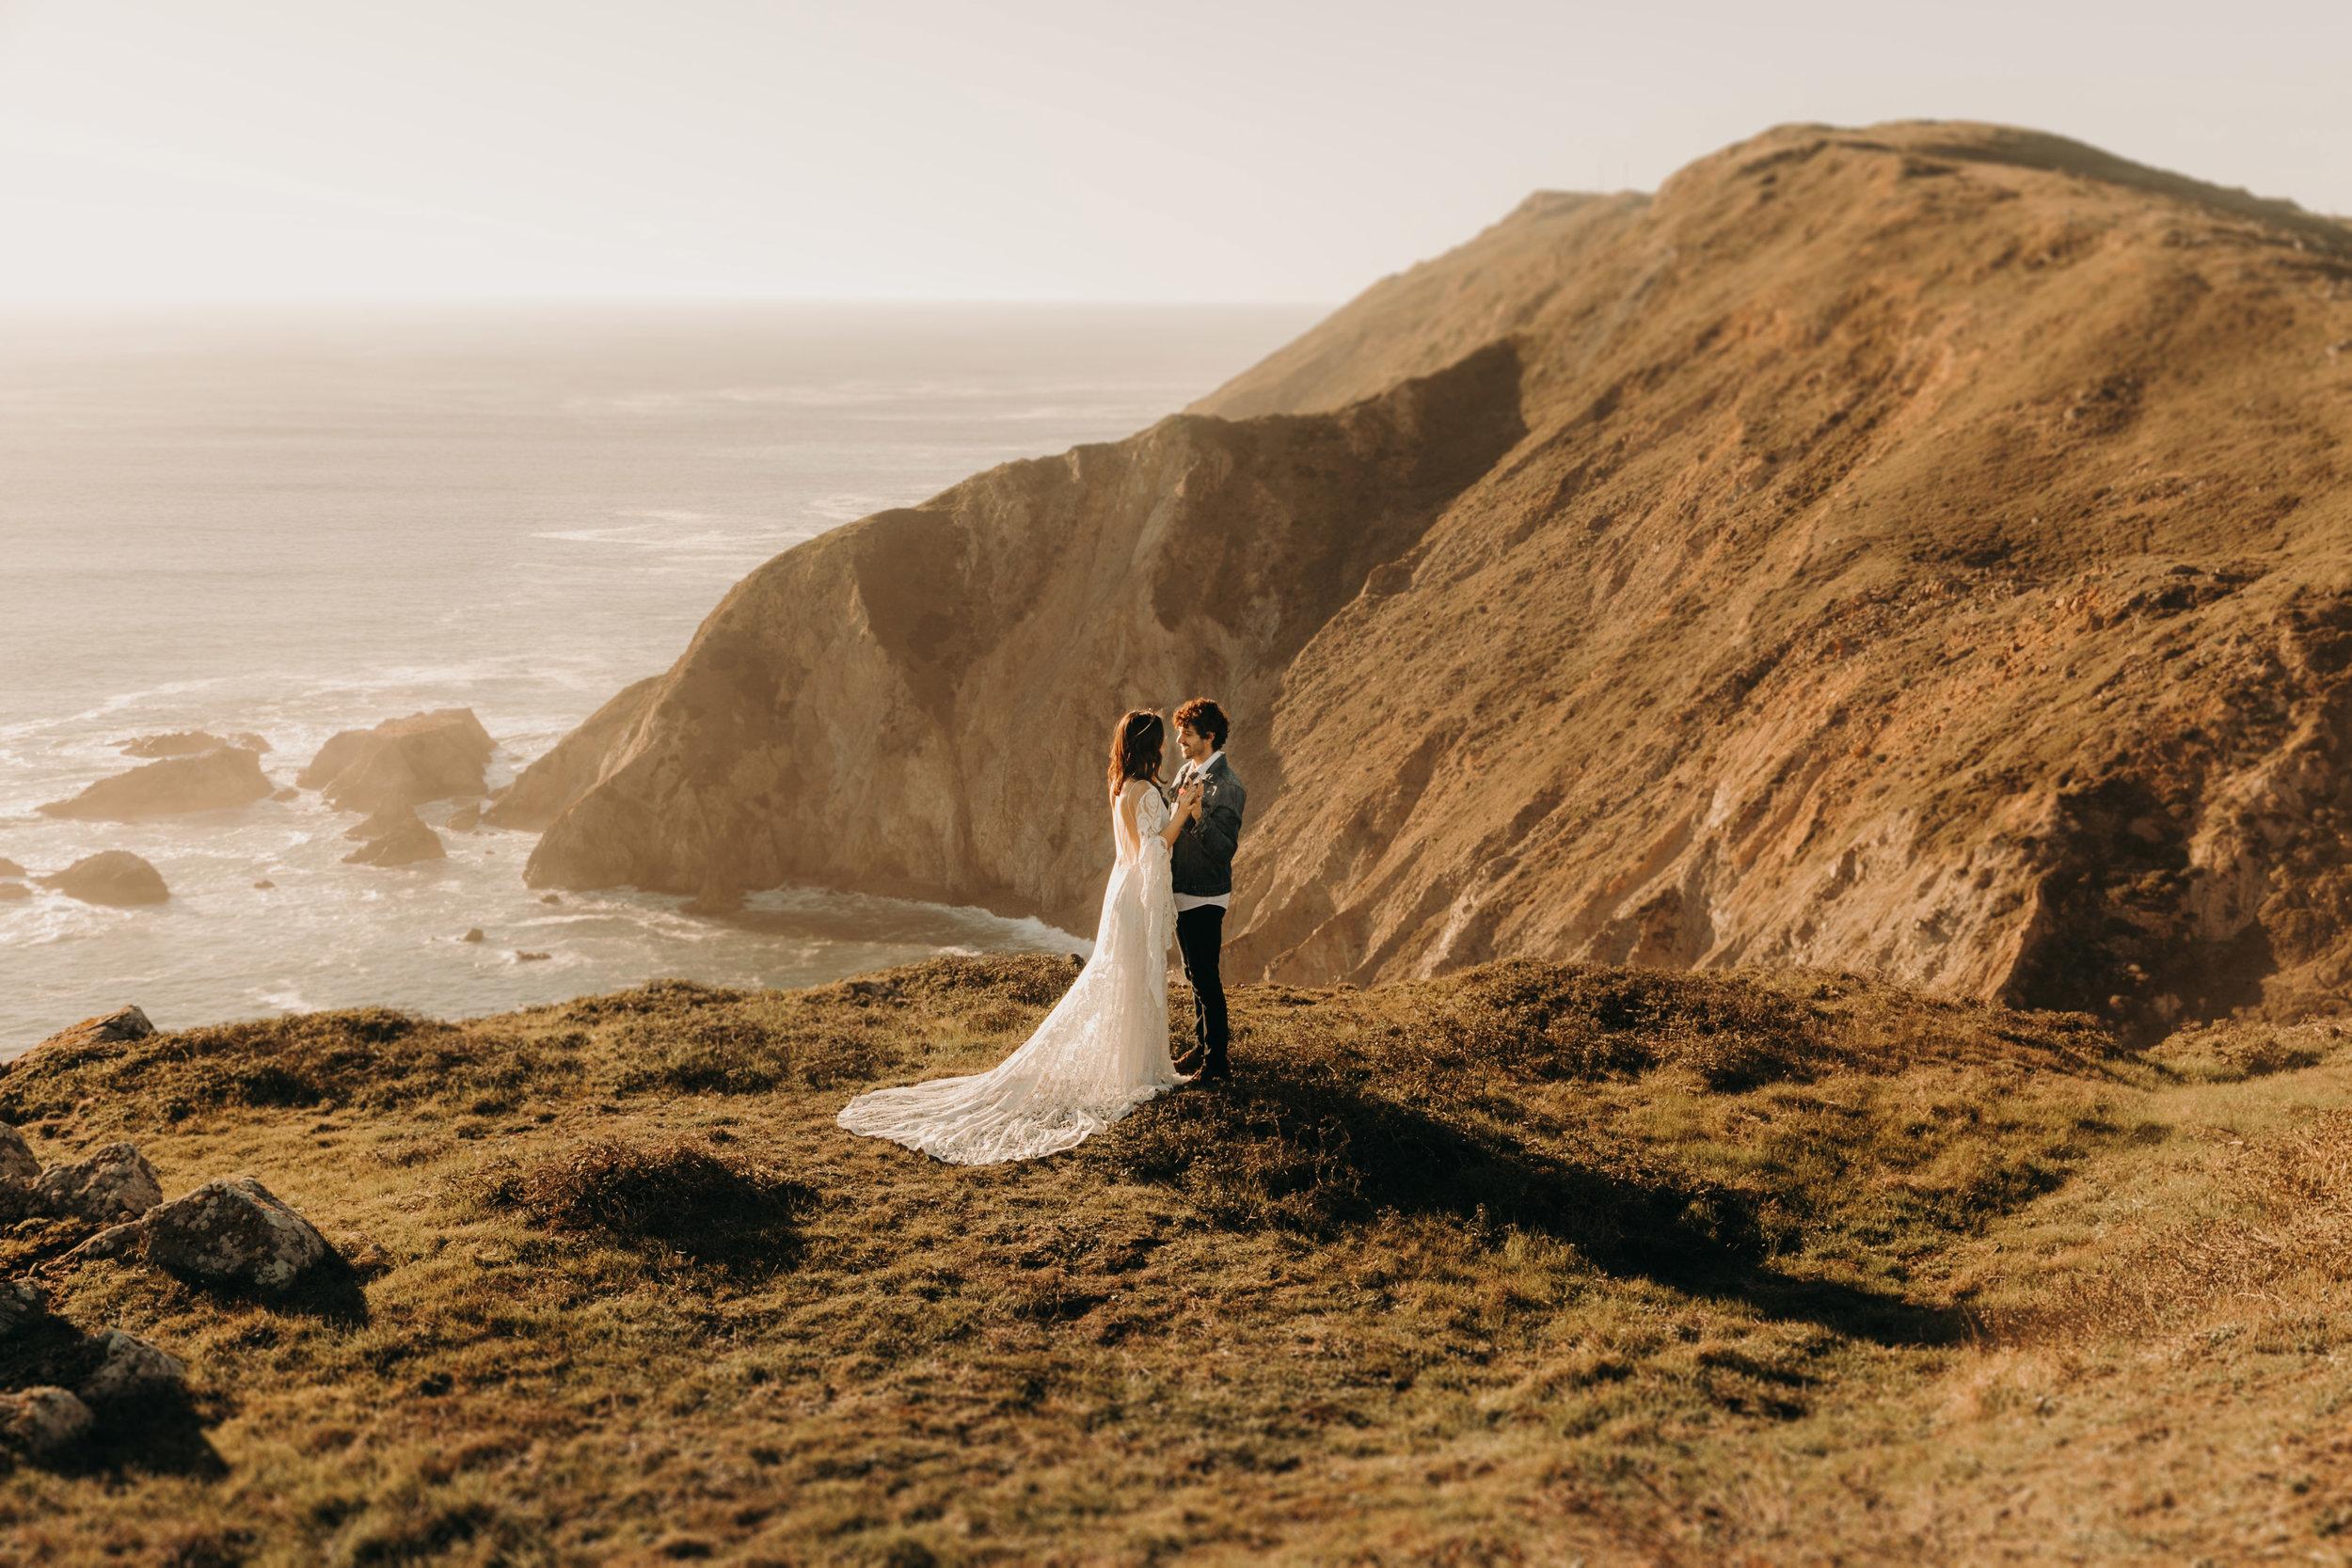 san francisco elopement locations -4.jpg